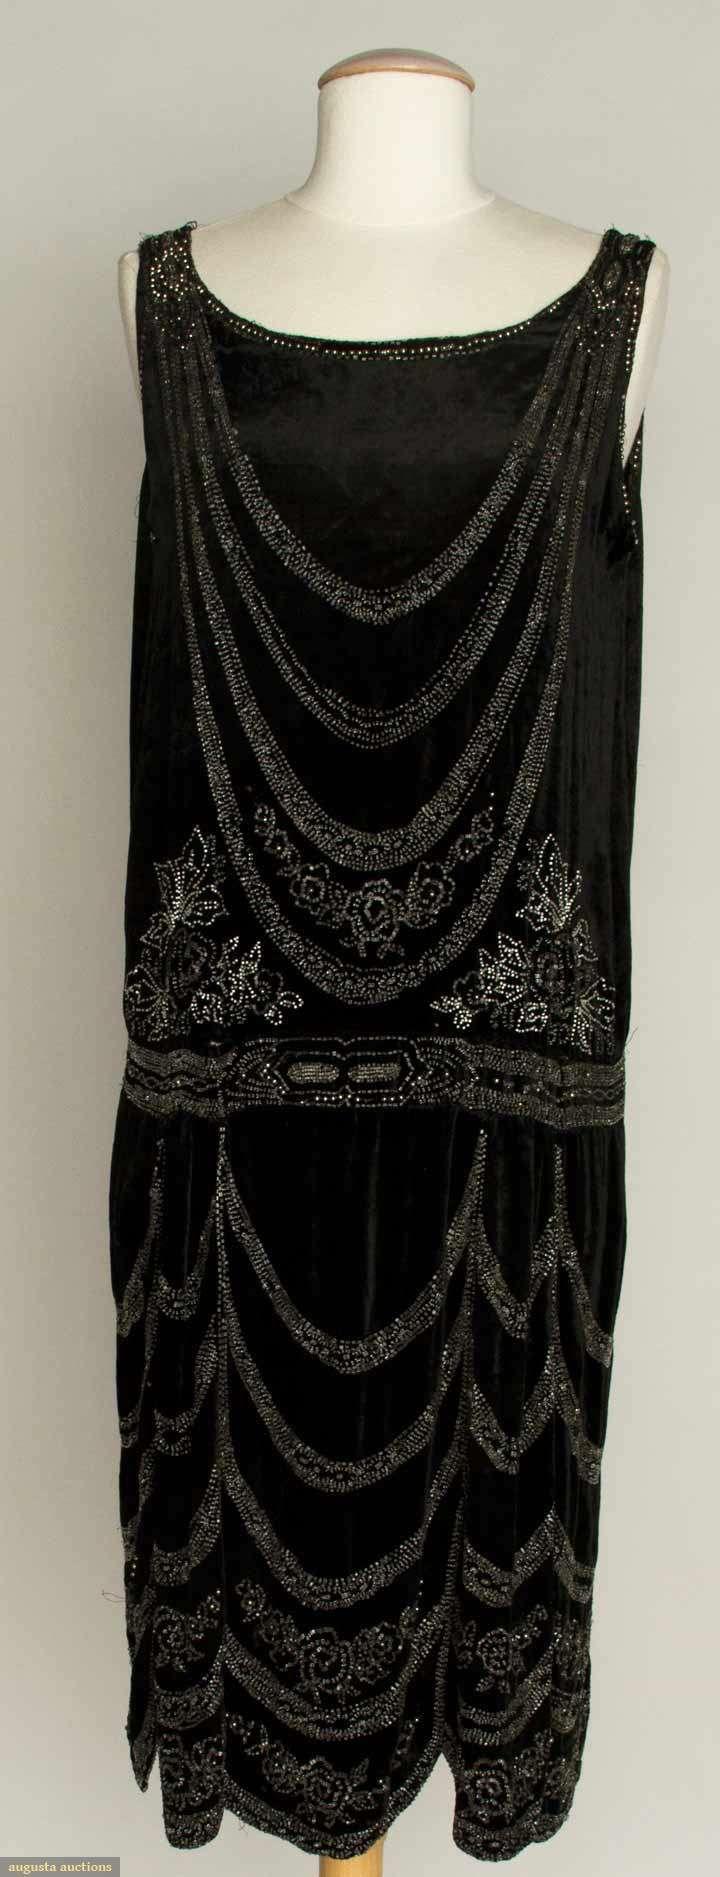 """CRYSTAL BEADED FLAPPER DRESS, 1920s Black velvet, beaded swags w/ flowers, scalloped skirt, B 39"""", W 39"""", L 42.5"""", (bead losses) very good."""